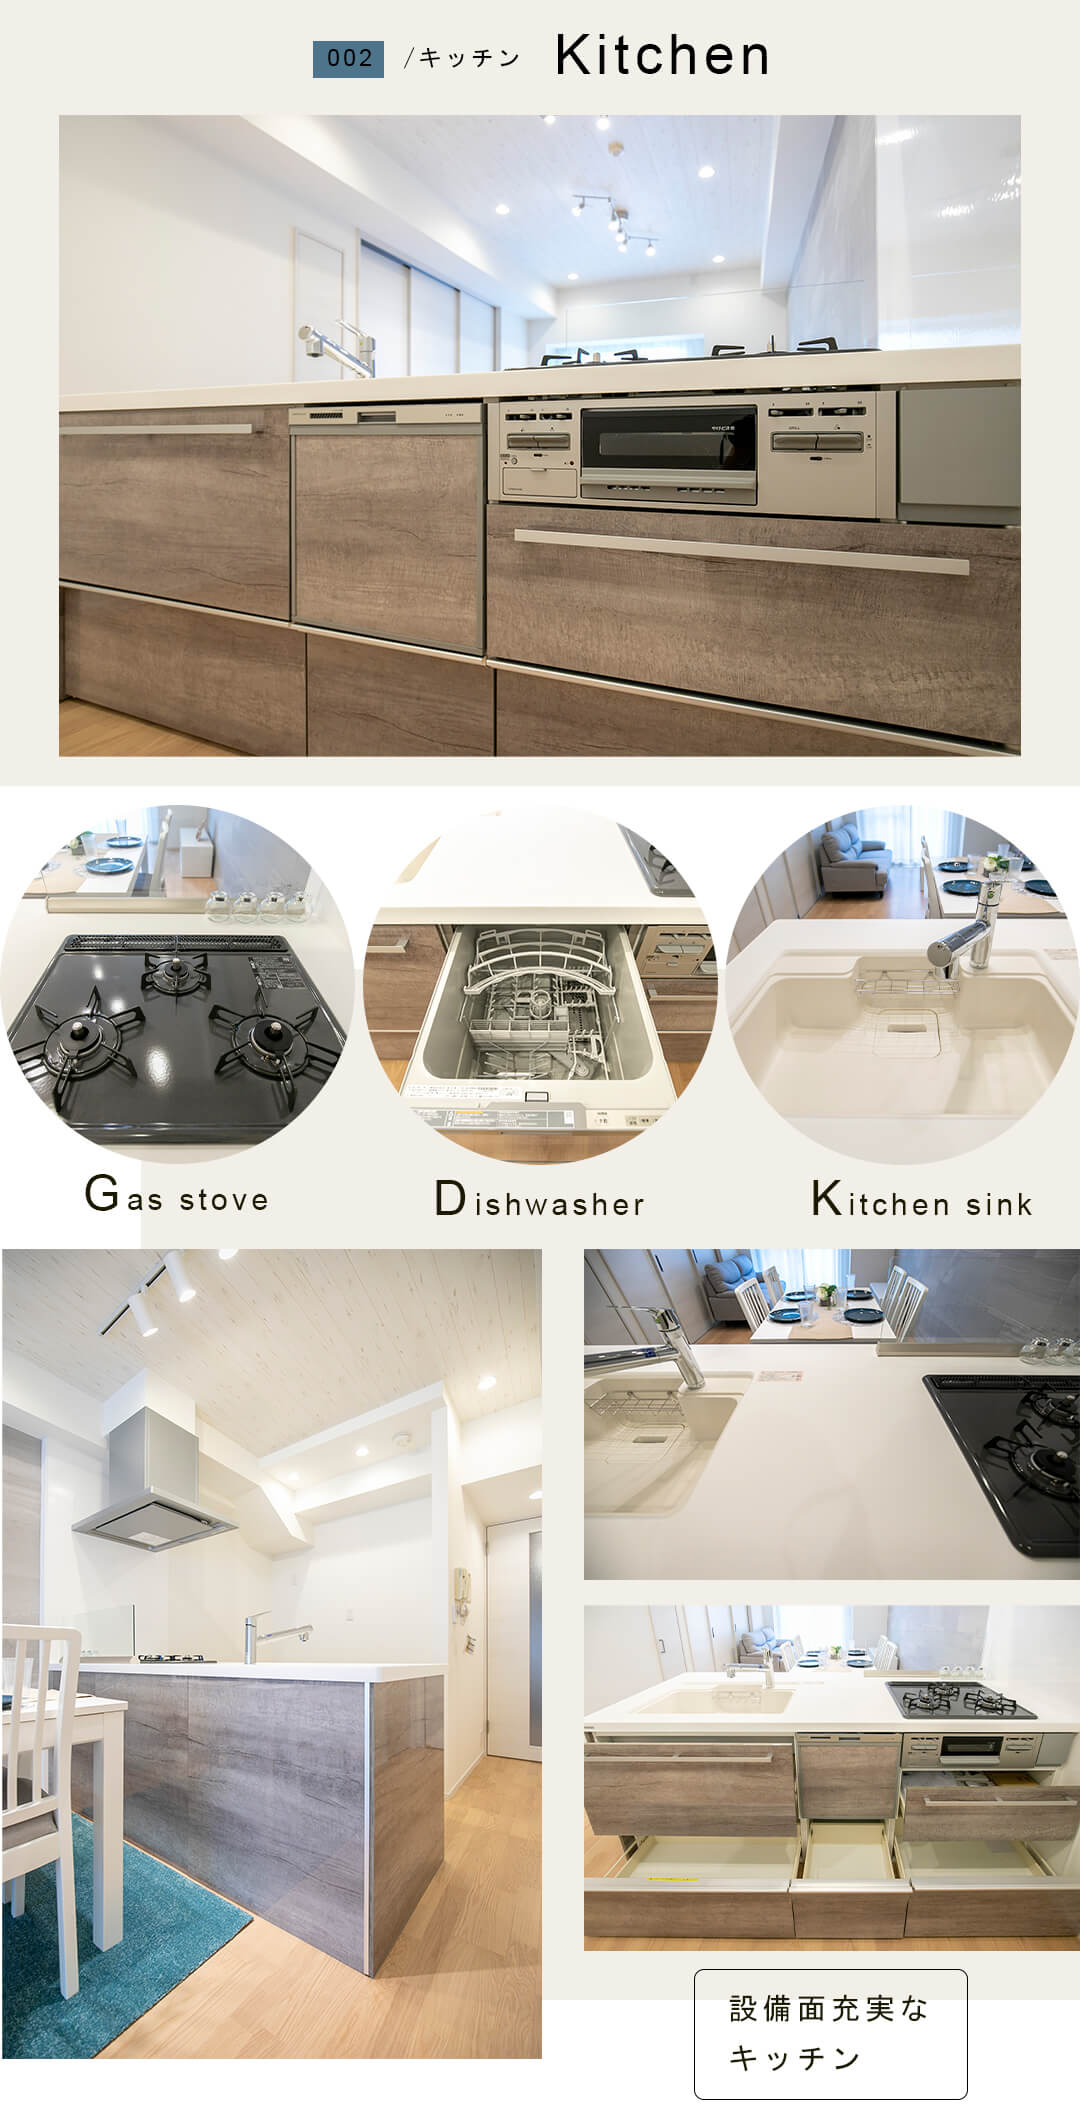 002キッチン,Kitchen